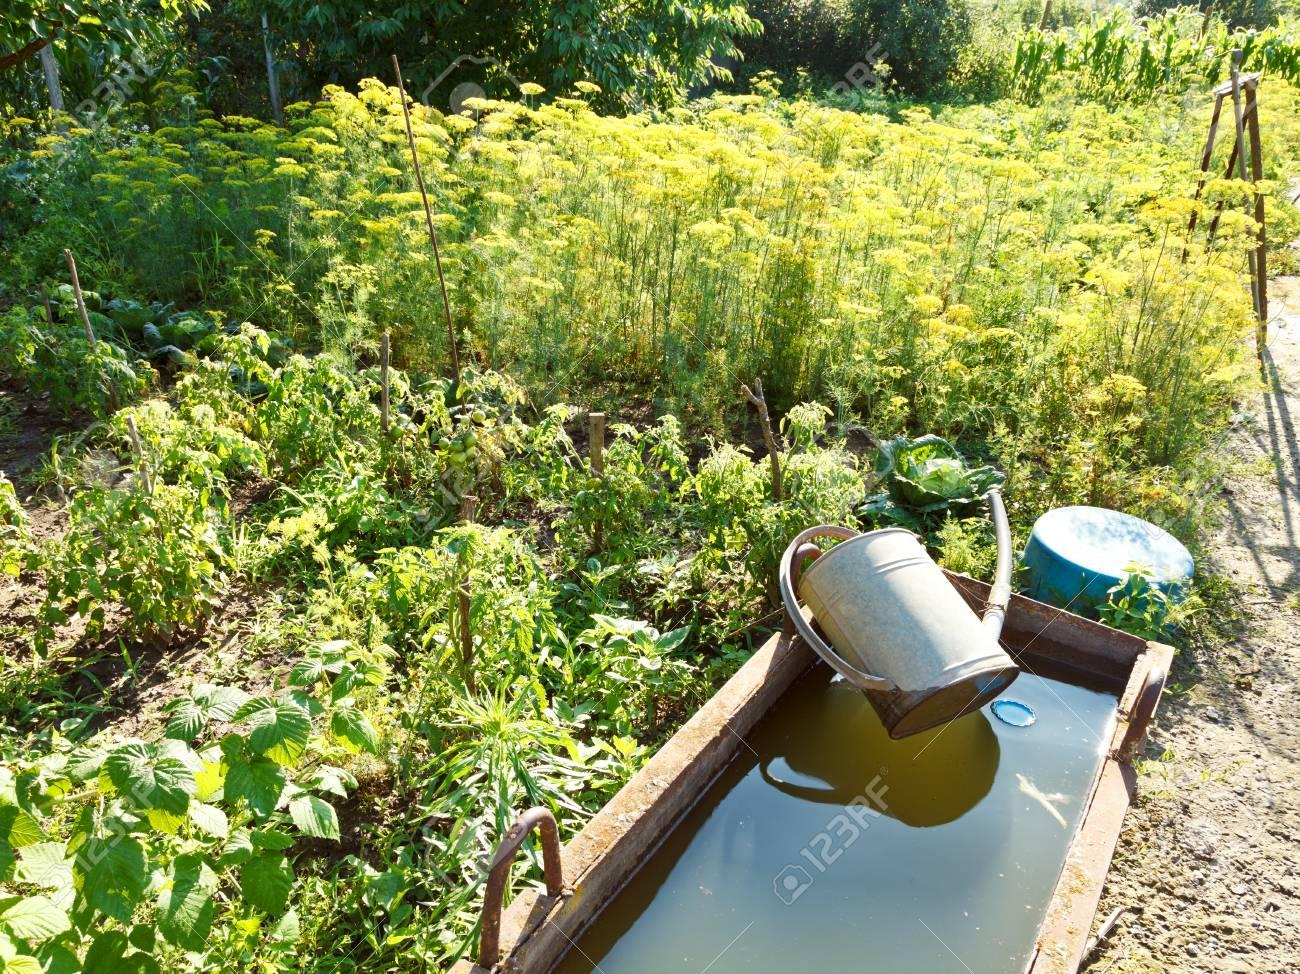 bassin avec de l eau pour arroser le jardin et douchette dans le jardin en ete banque d images et photos libres de droits image 30784068